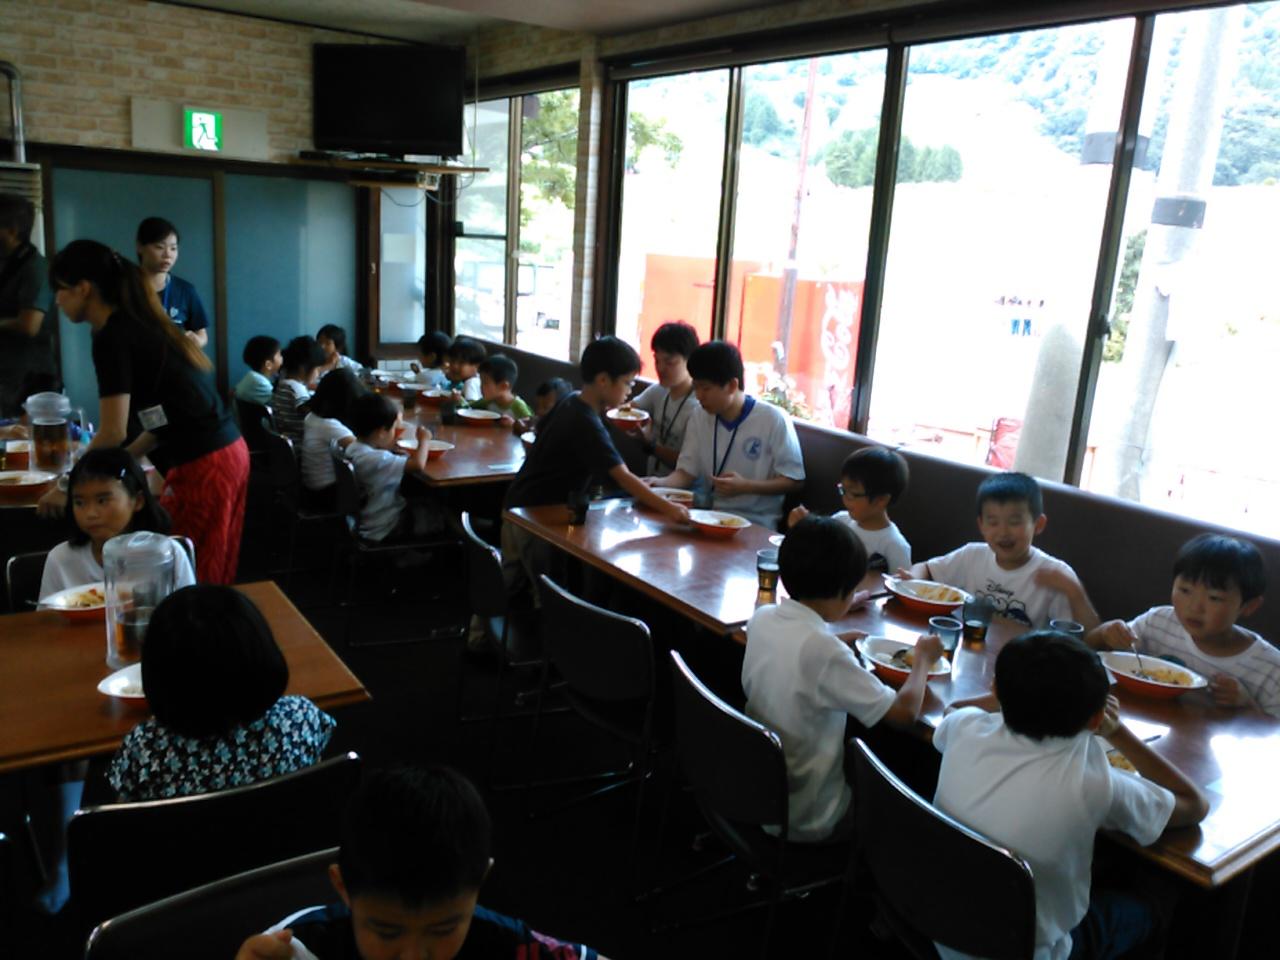 サマーキャンプ1日目・昼食3